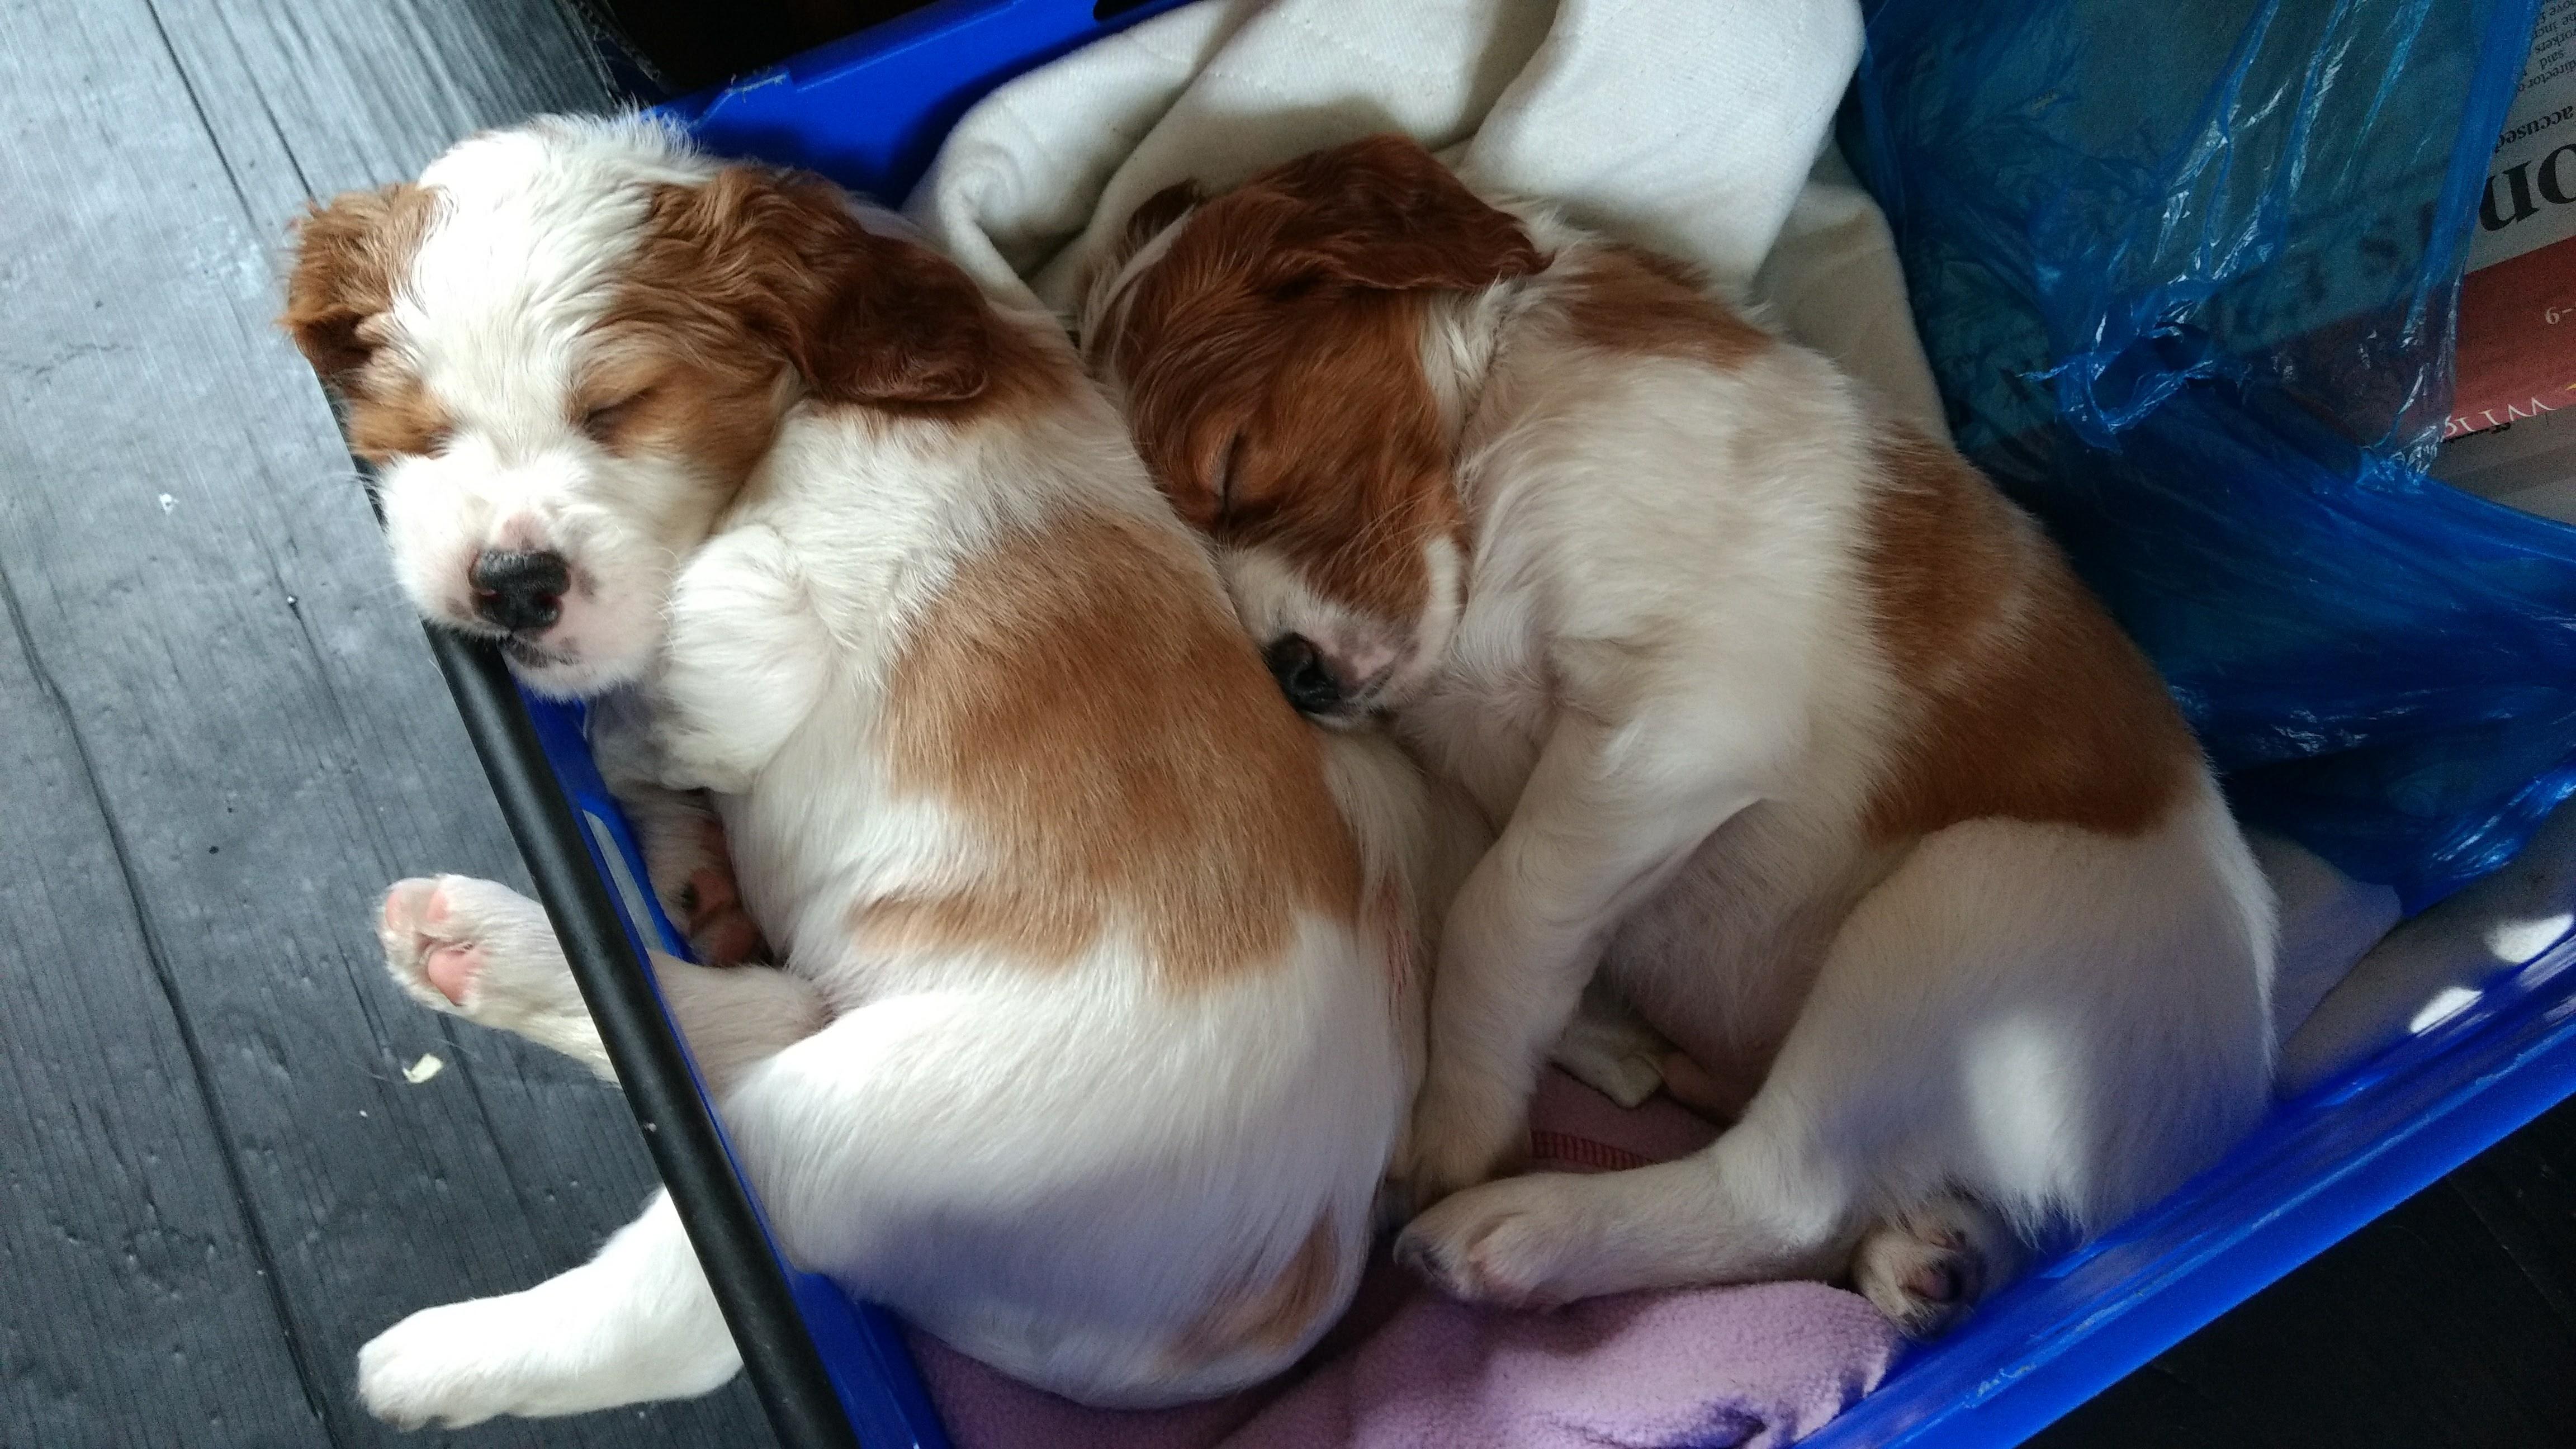 2 puppies 5 weeks asleep in blanket box